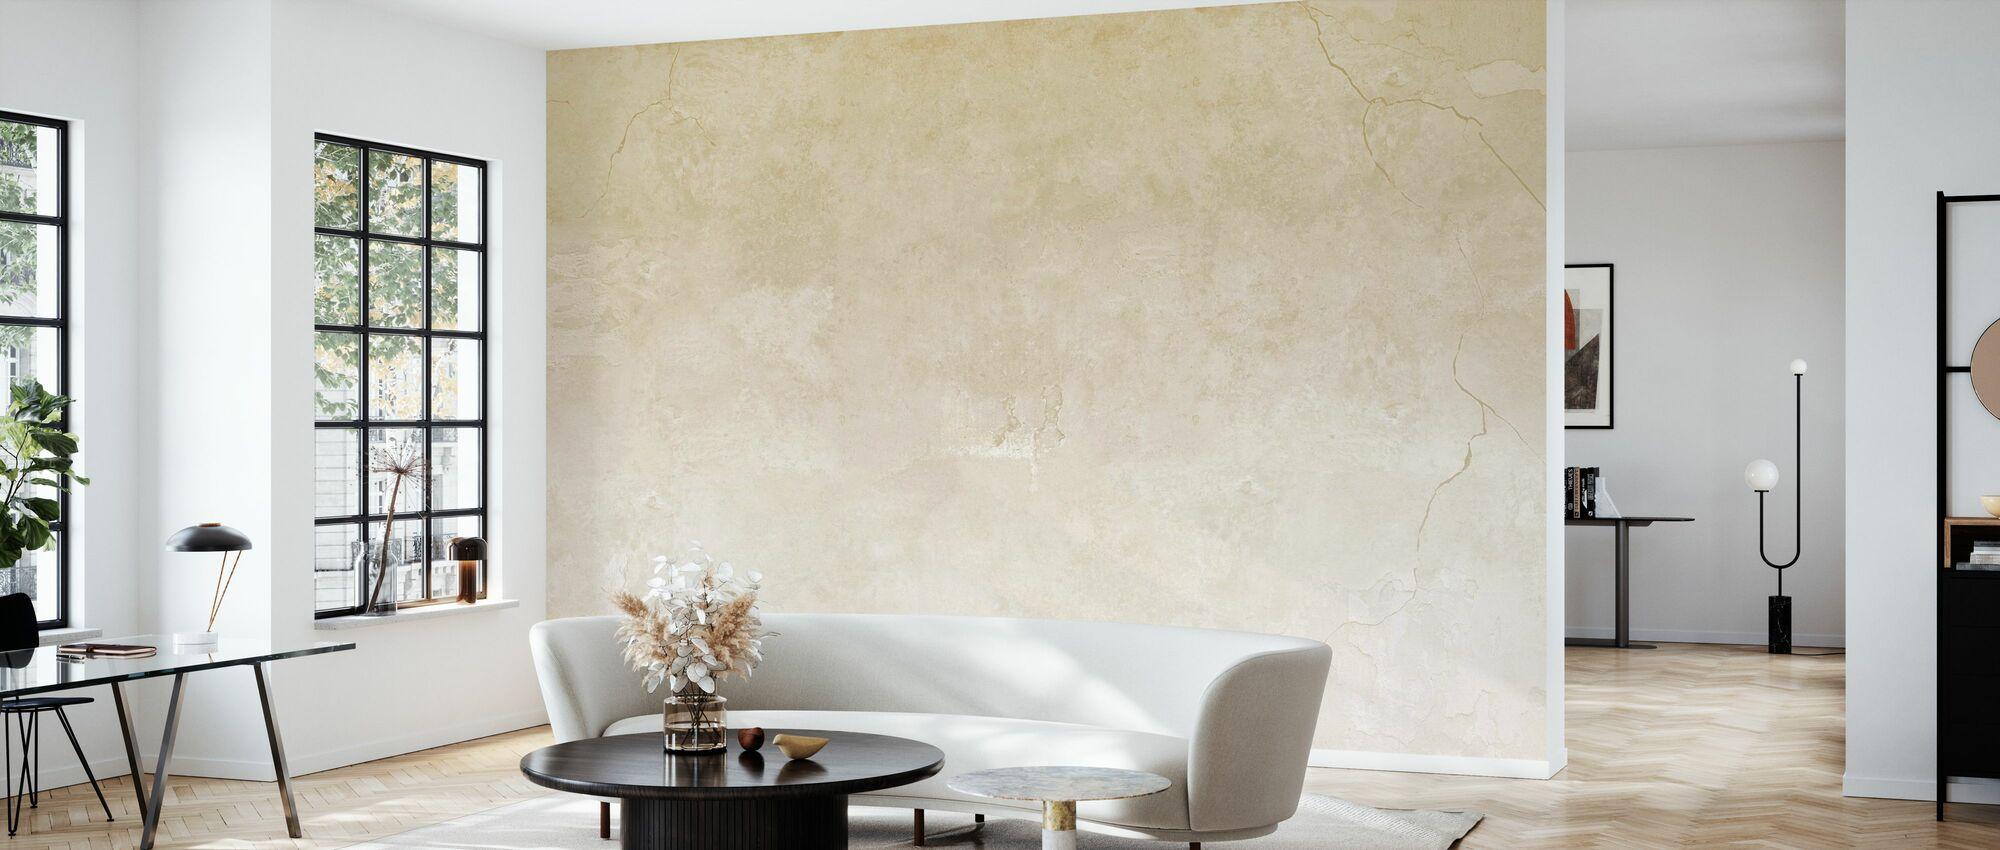 Beige gekleurde gebarsten muur - Behang - Woonkamer